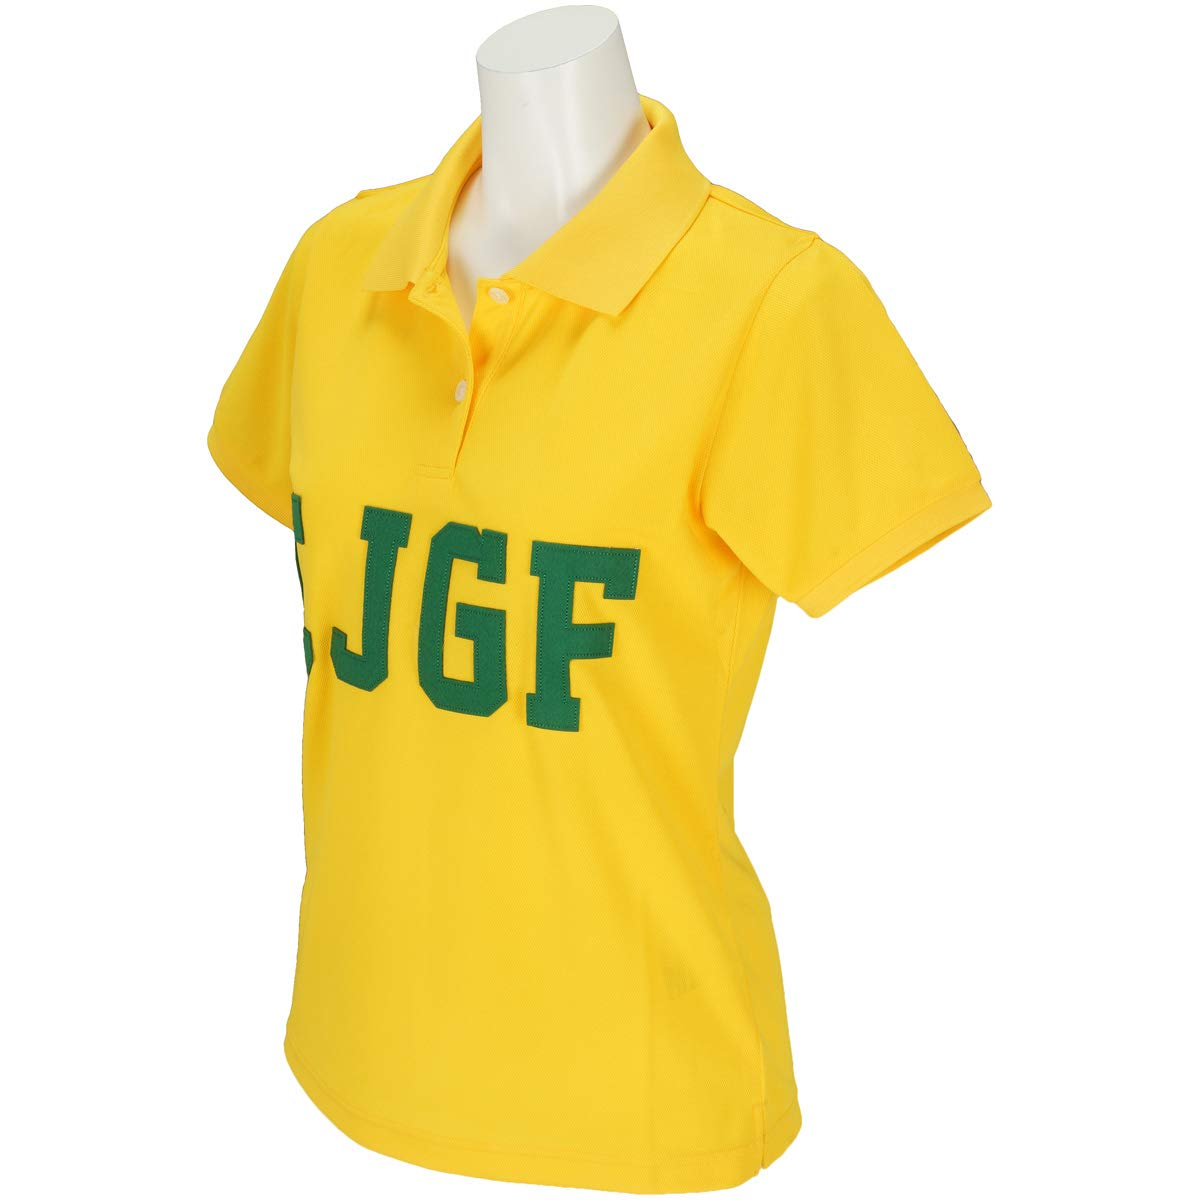 カジェヘラ CALLEJERA 半袖シャツポロシャツ CJGF 半袖ポロシャツ レディス 1 イエロー B07RWK1VH2